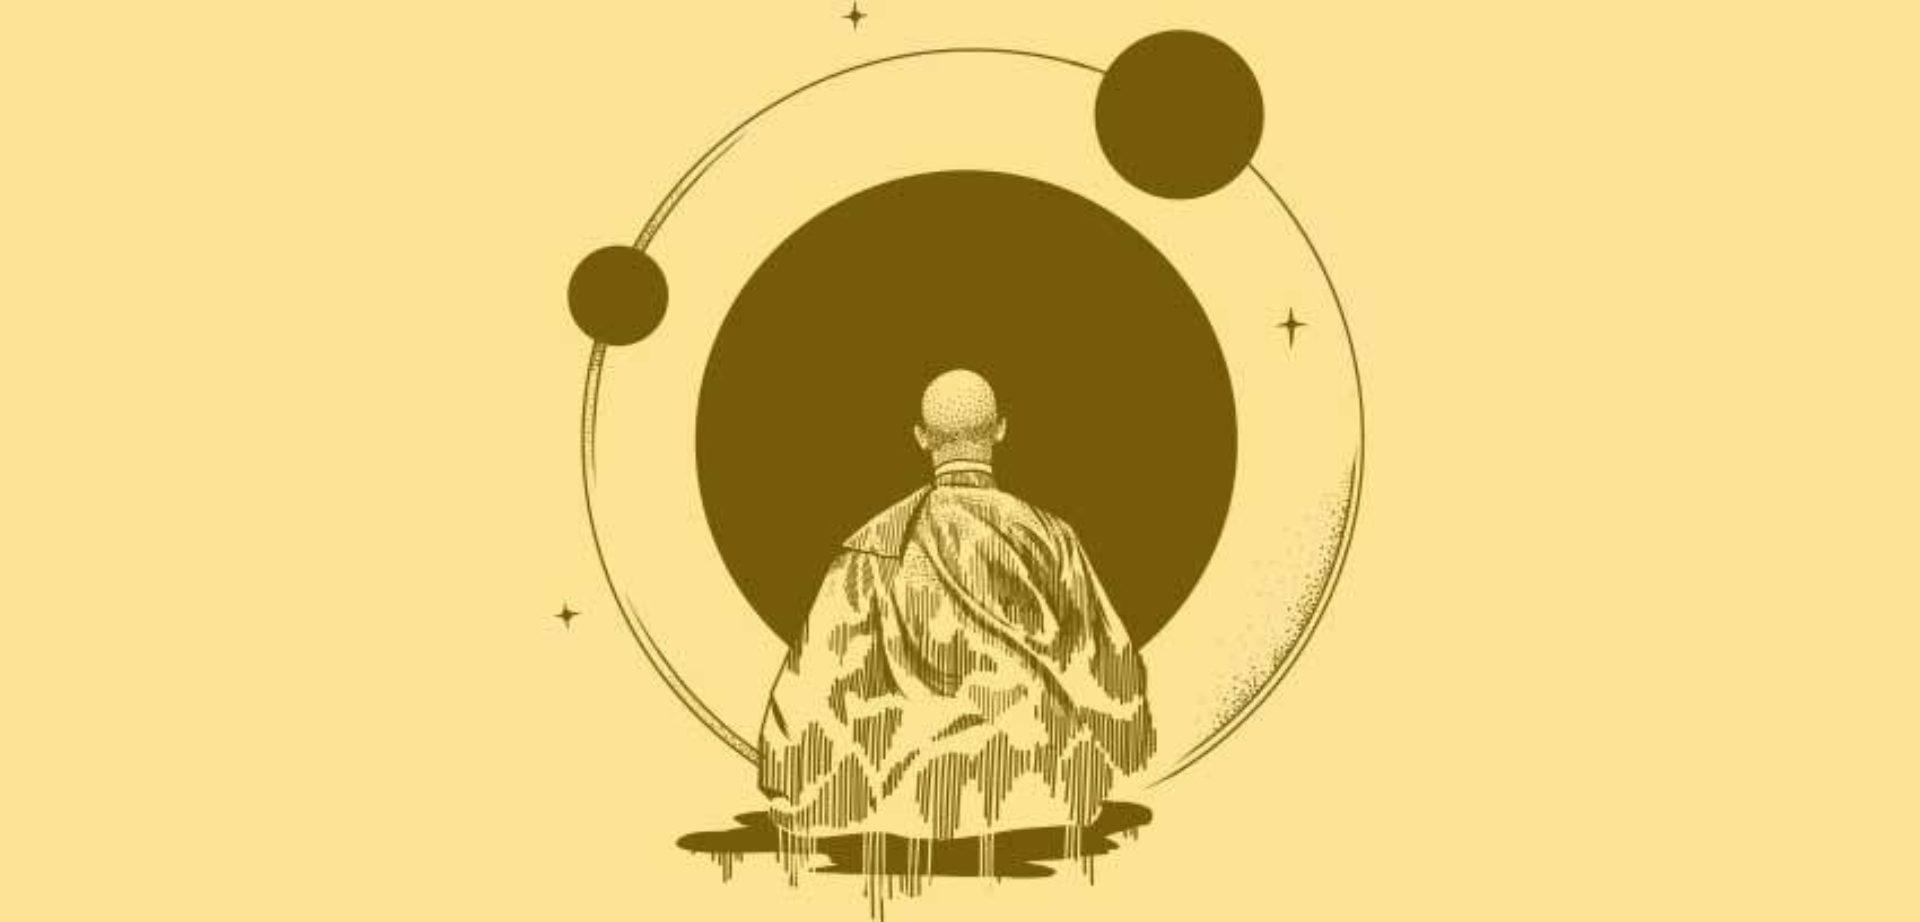 ENERGIEDOSSIER / De 5 energievreters volgens de Dalai Lama